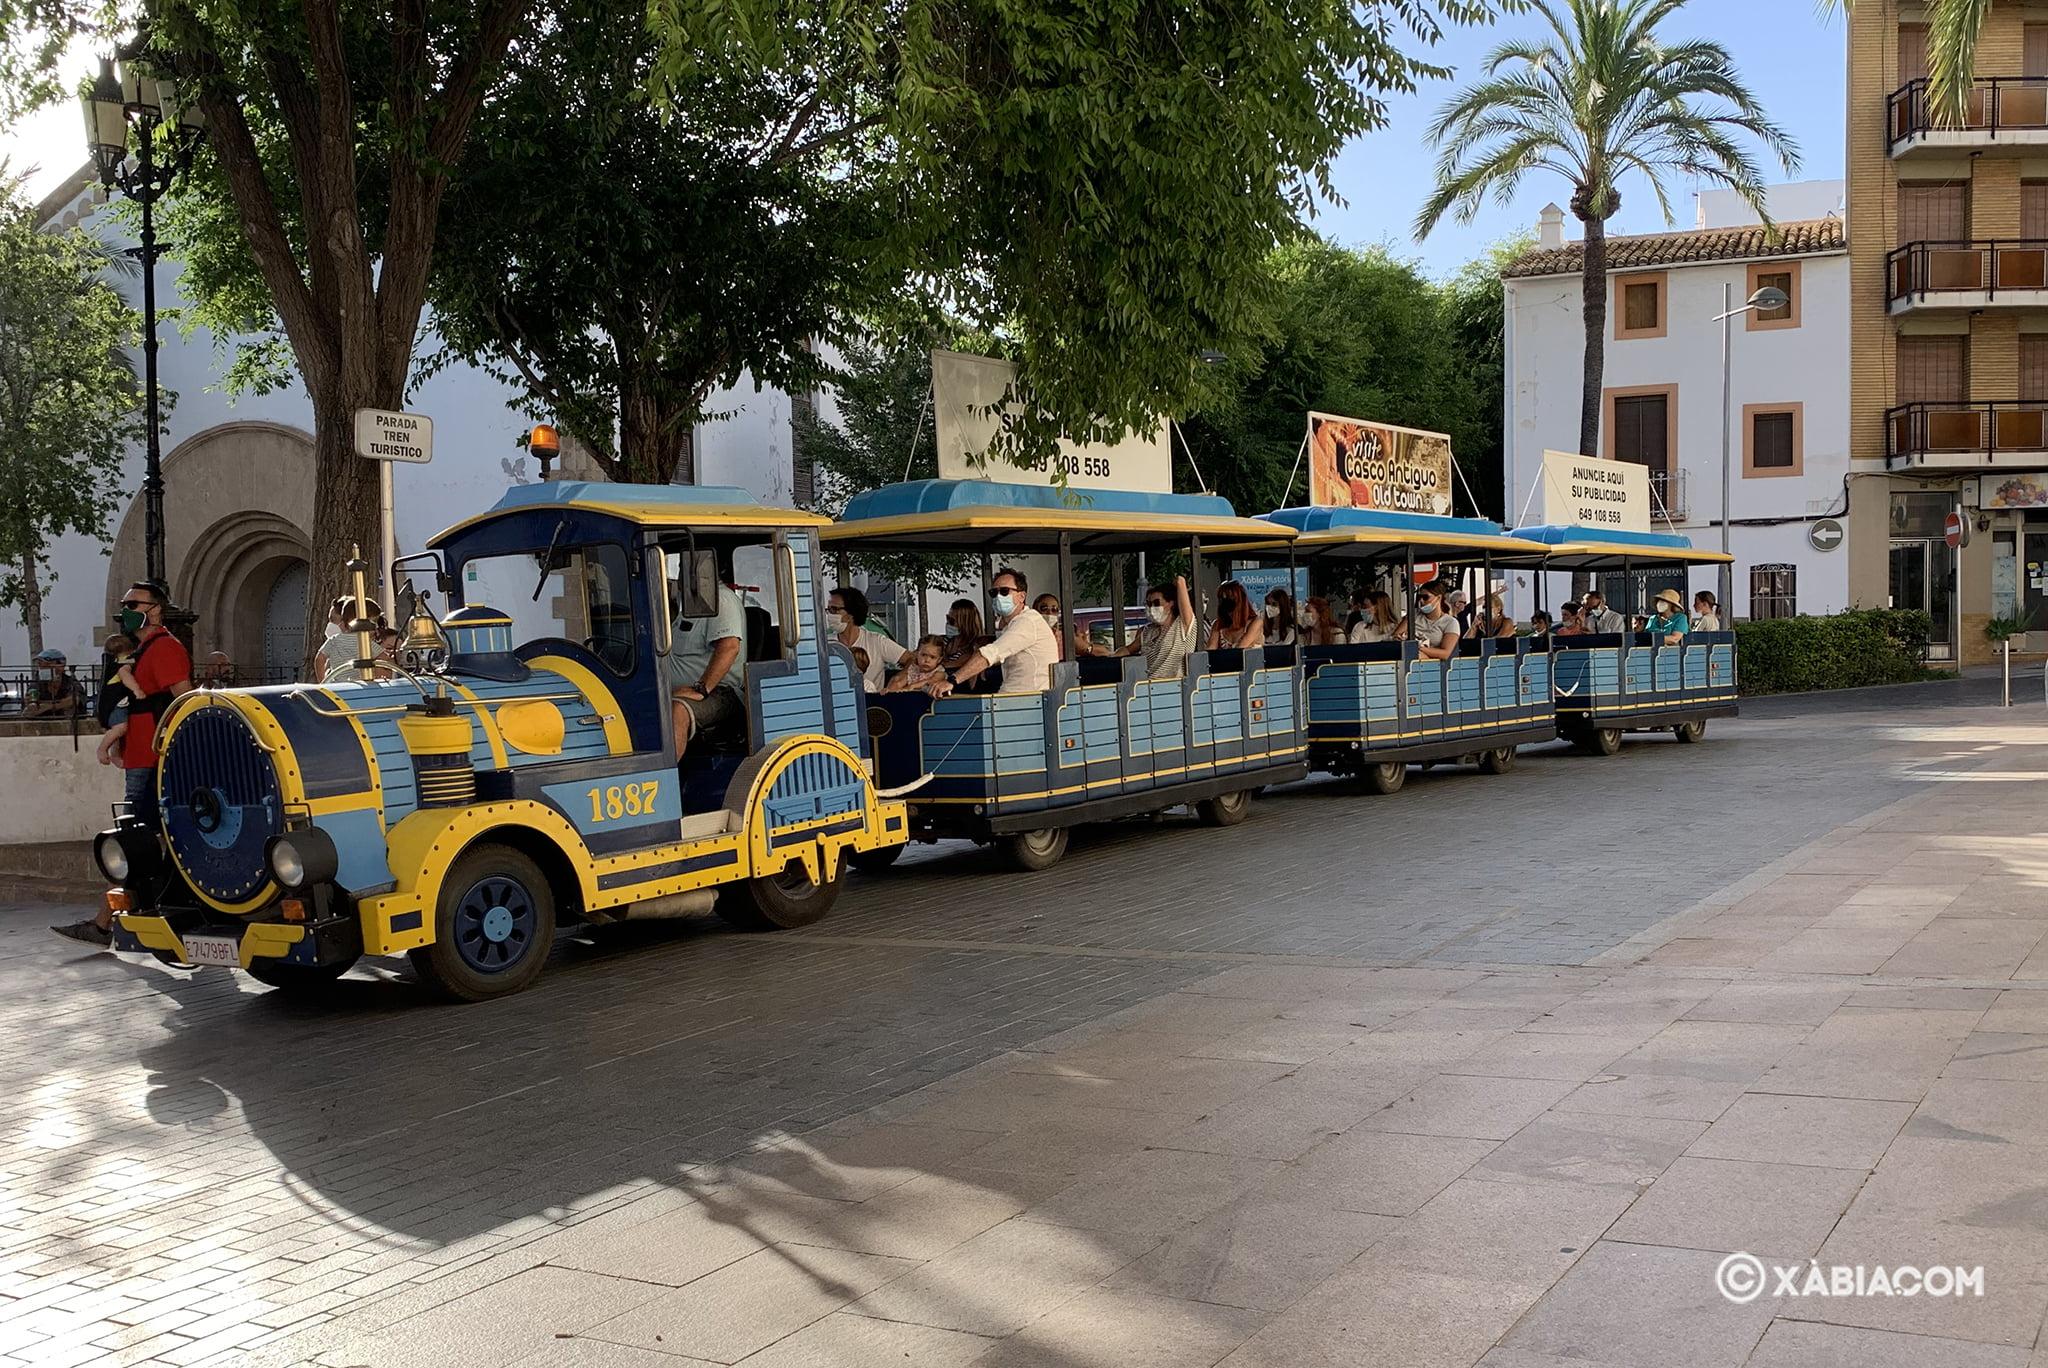 Tren Turístico en la parada del centro histórico